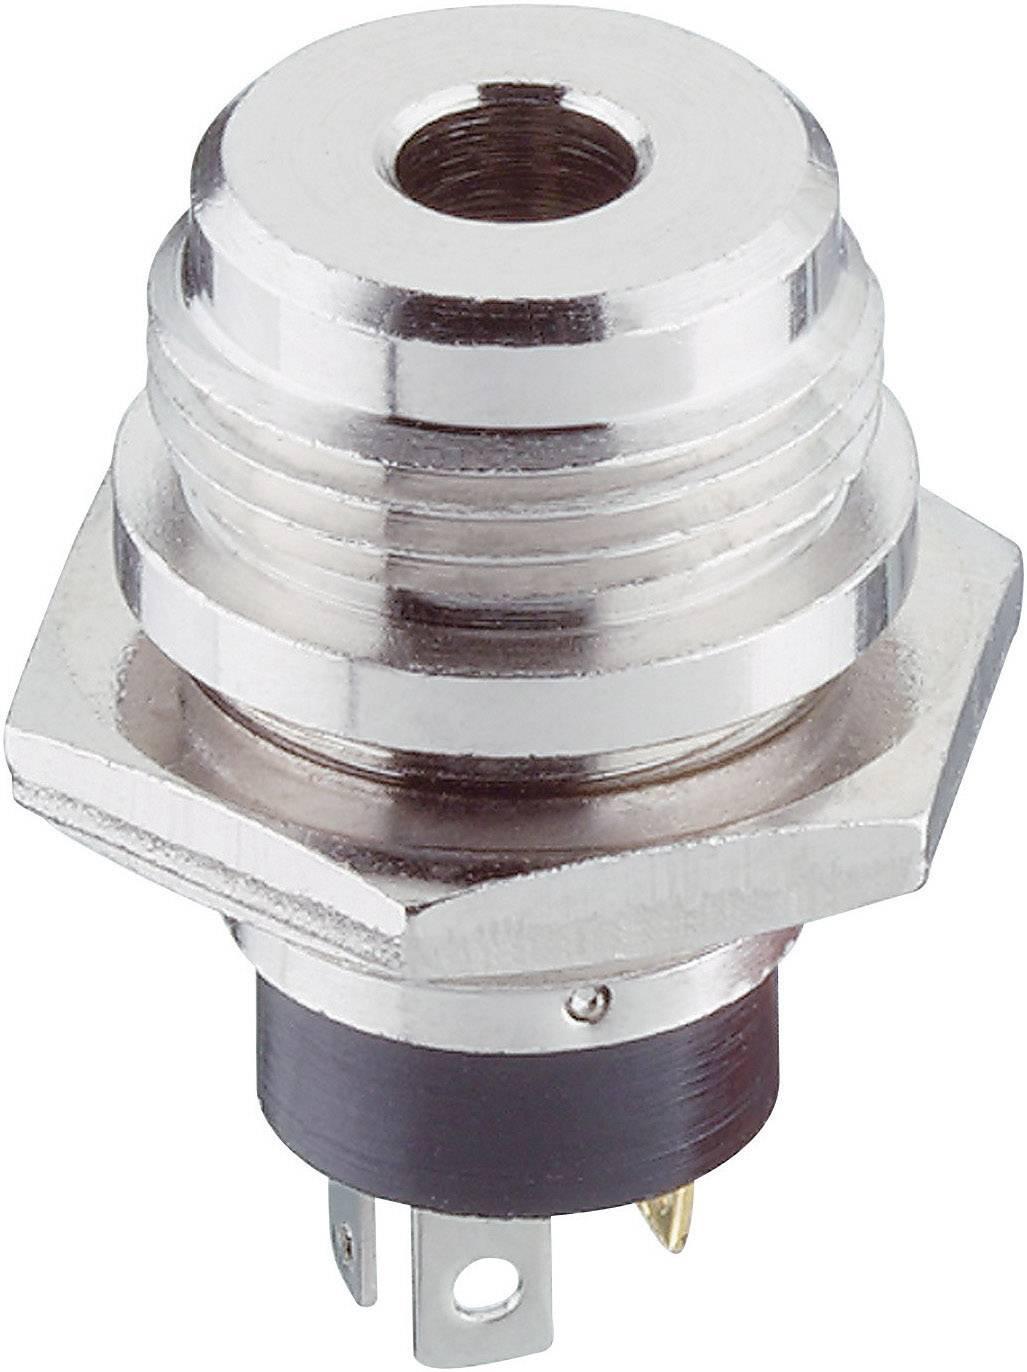 Jack konektor 3.5 mm stereo zásuvka, vstavateľná vertikálna Lumberg 1502 04, pinov 3, strieborná, 1 ks